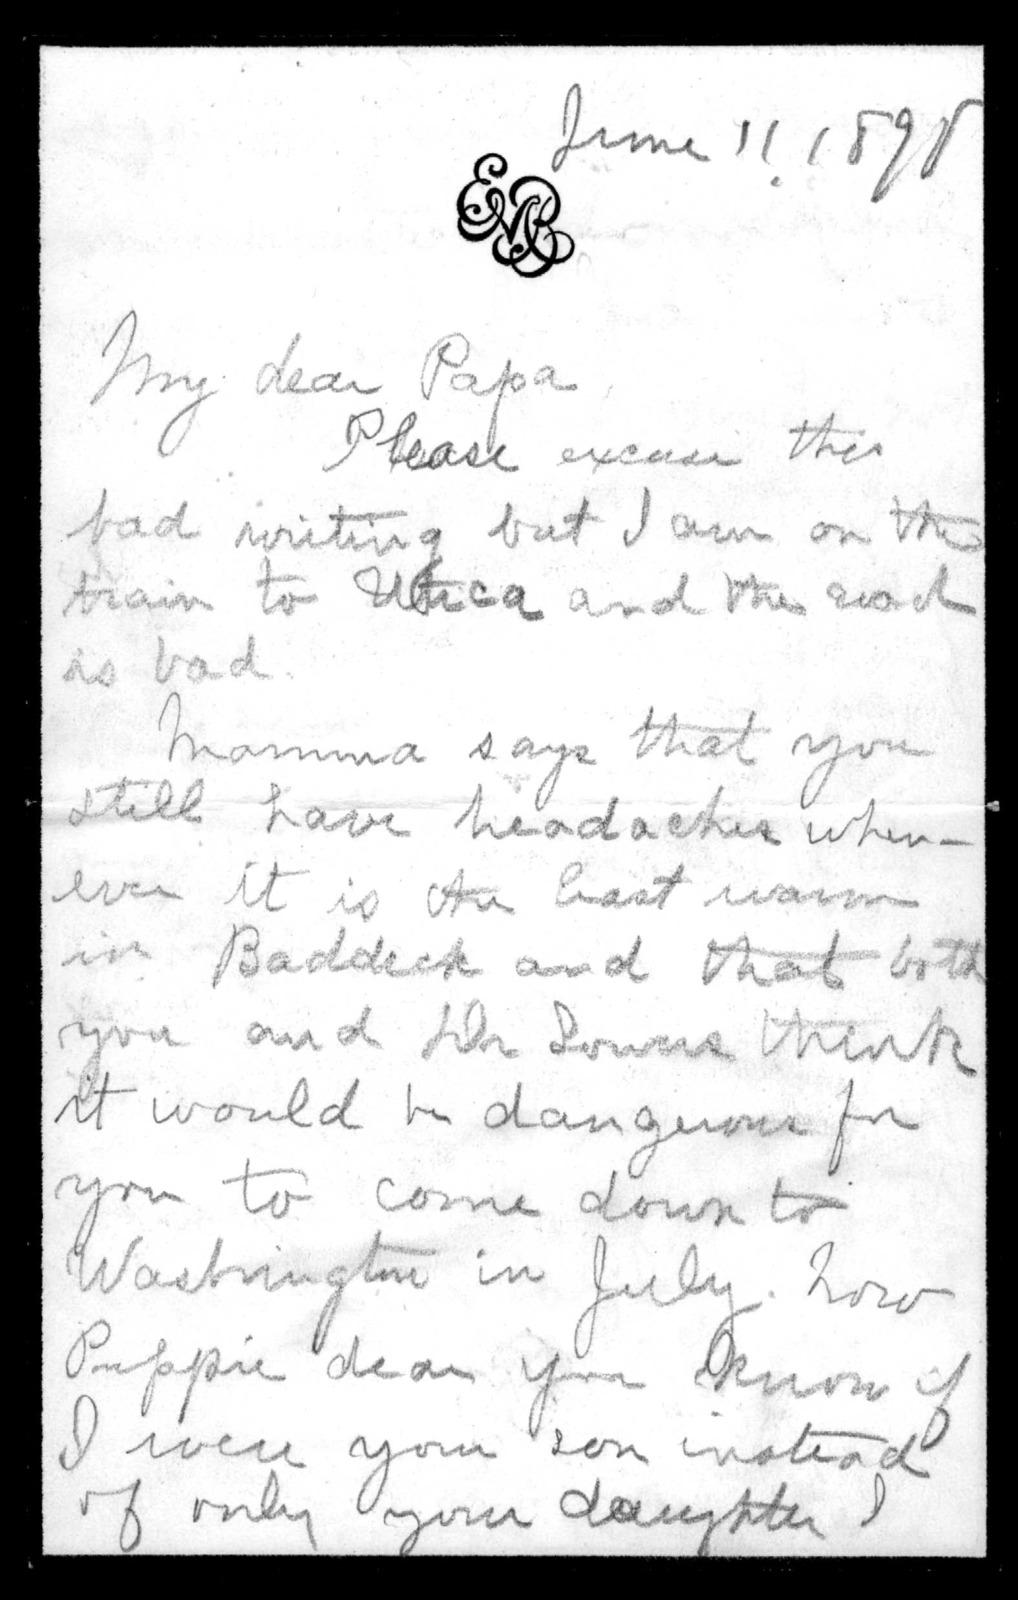 Letter from Elsie Bell Grosvenor to Alexander Graham Bell, June 11